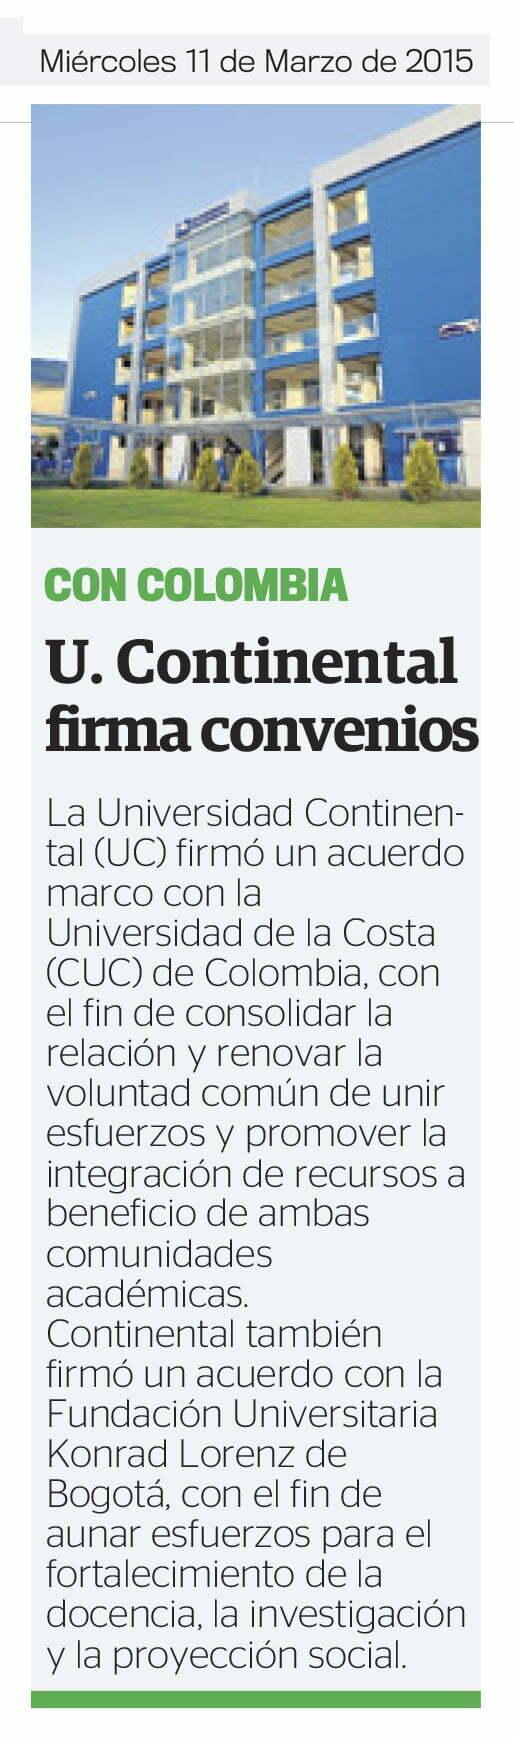 11MAR - UC FIRMA CONVENIOS